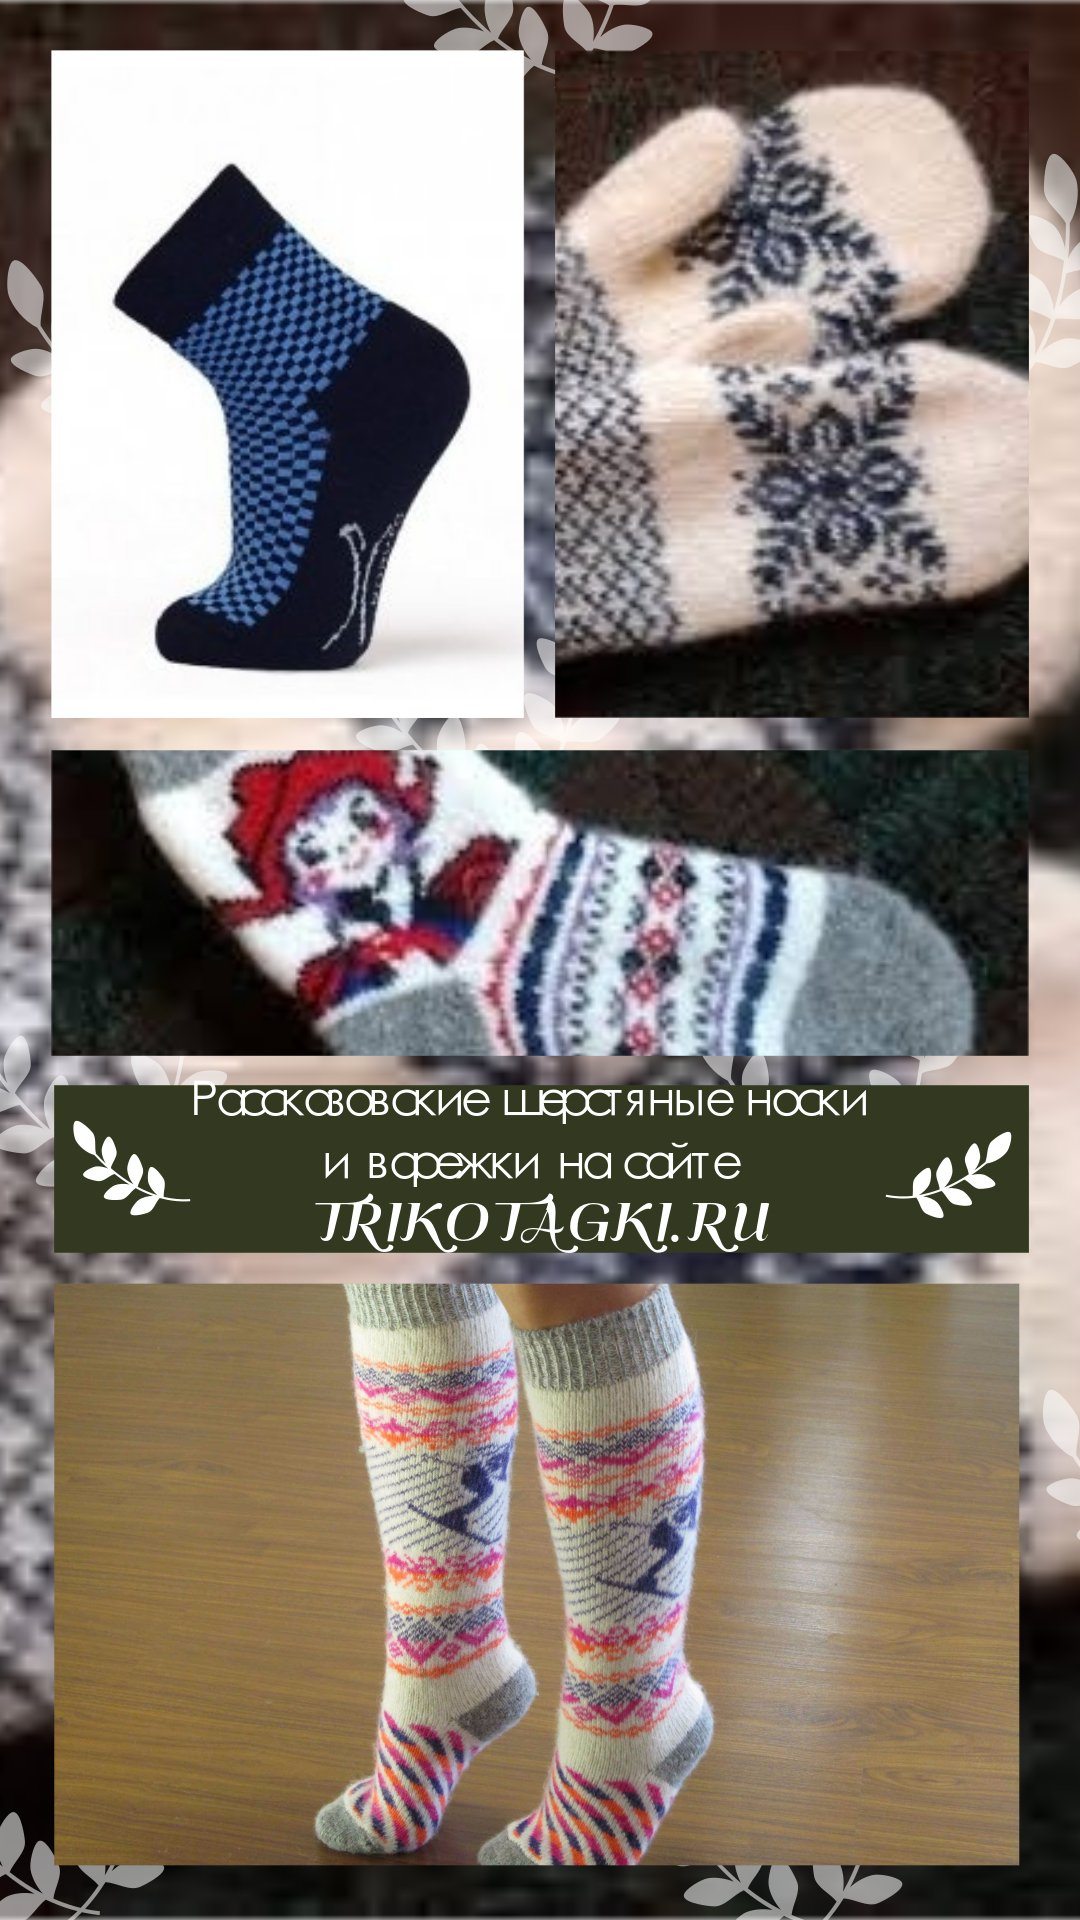 Рассказовские шерстяные носки и варежки